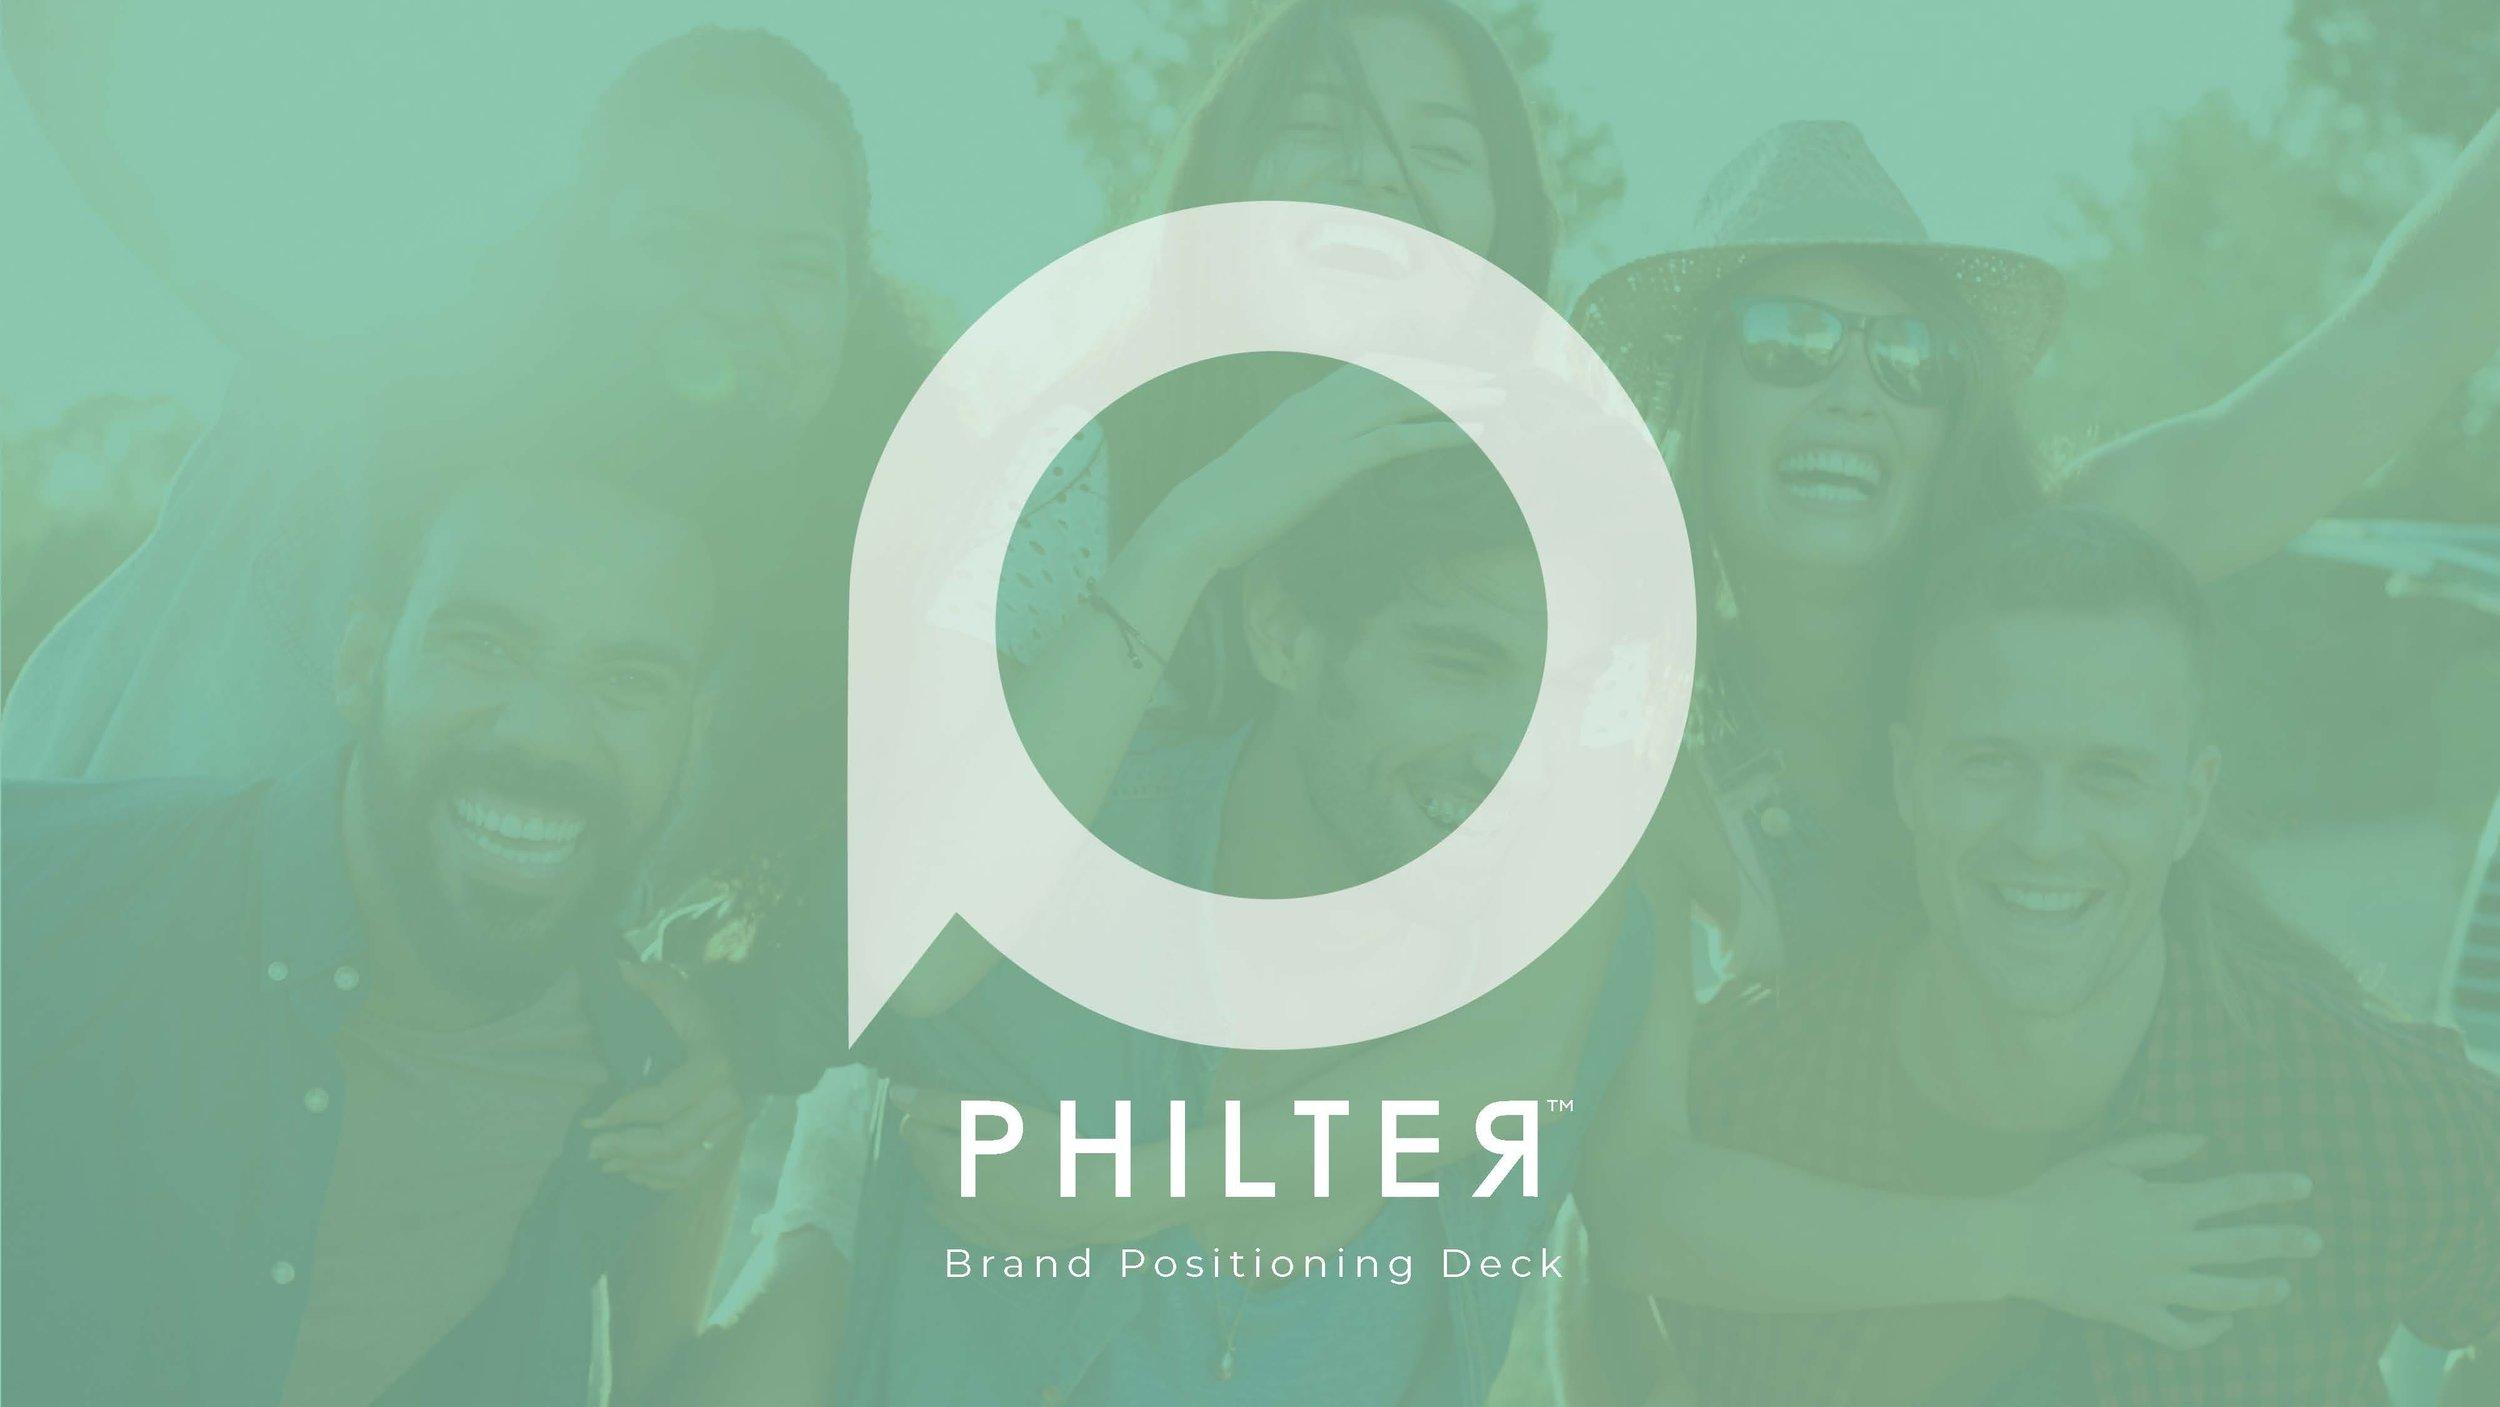 Philter-Positioning-Deck_design_v06_Page_01.jpg